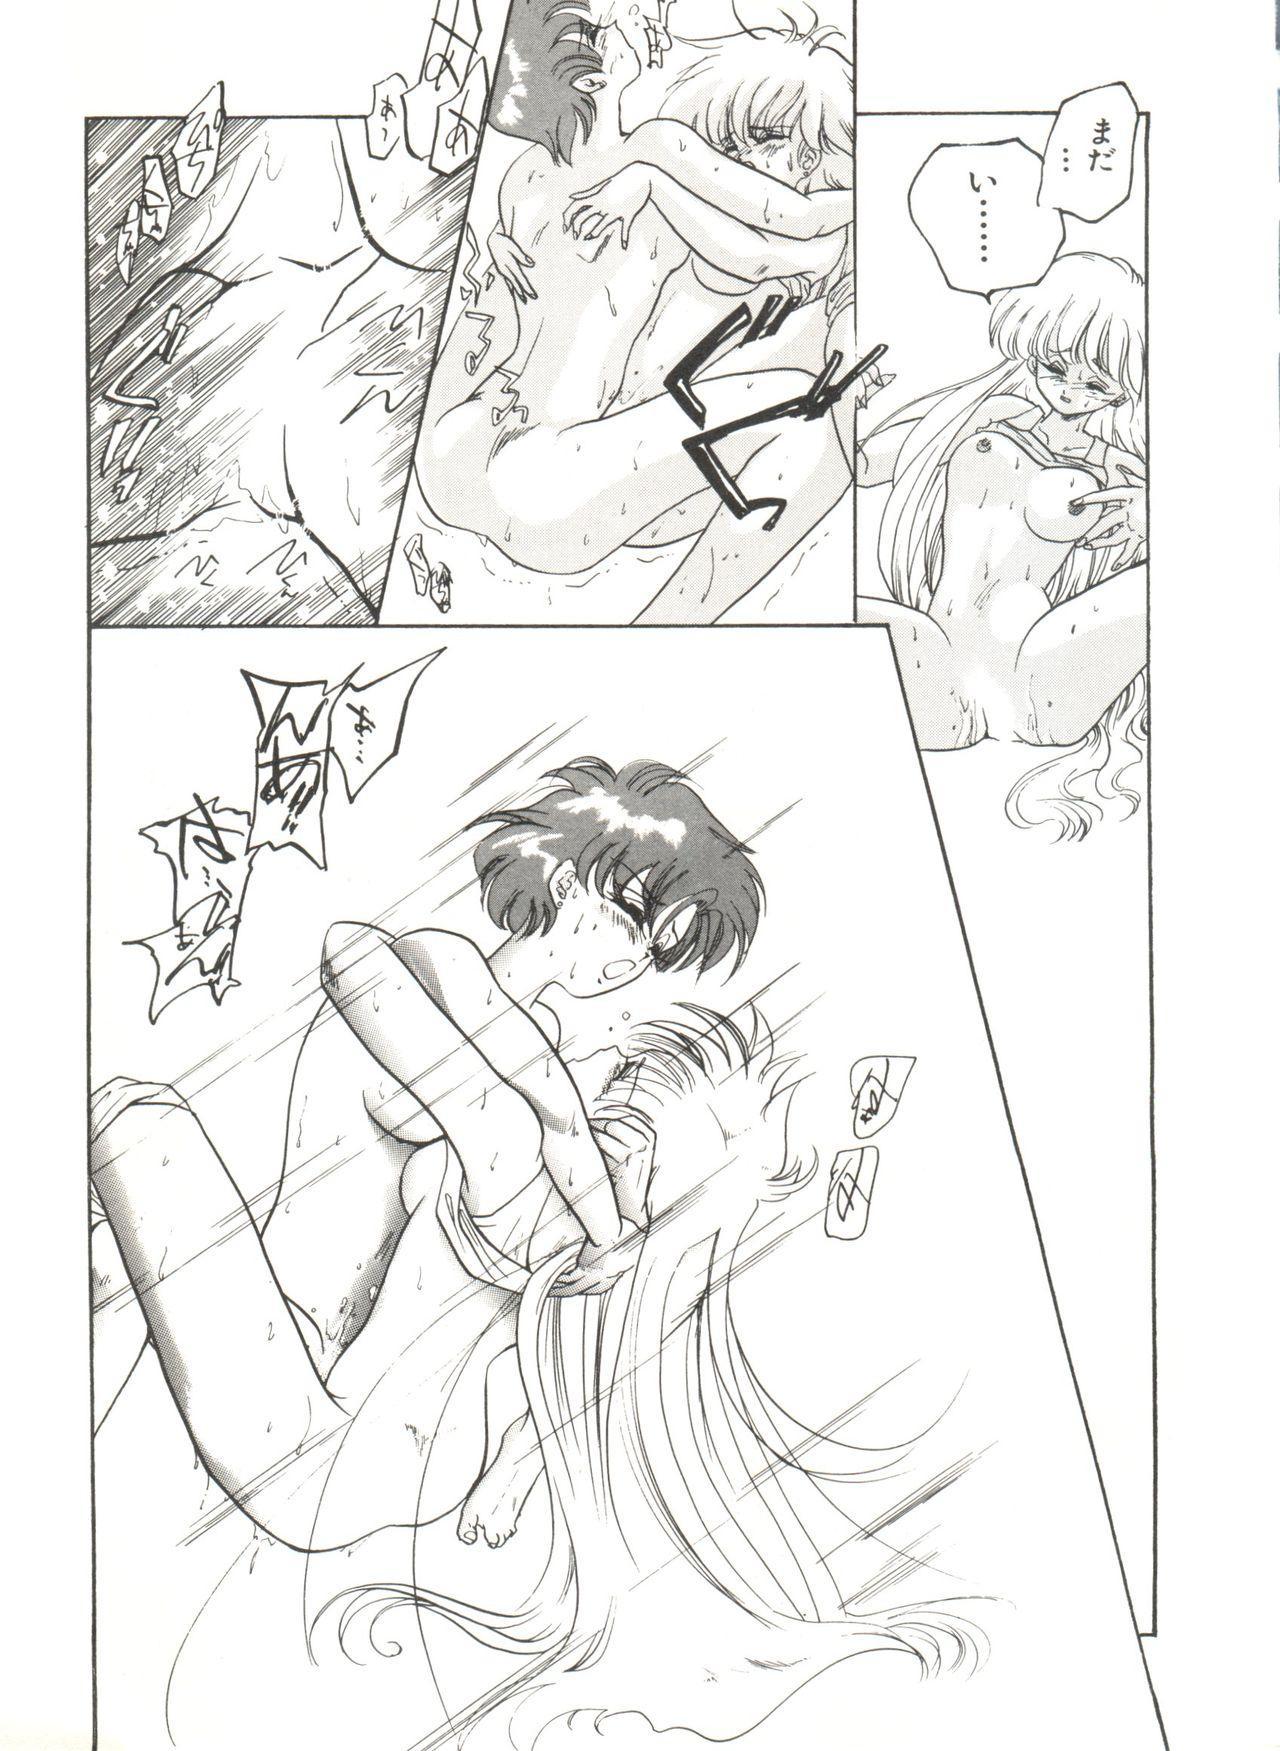 Bishoujo Doujinshi Anthology 12 - Moon Paradise 7 Tsuki no Rakuen 141